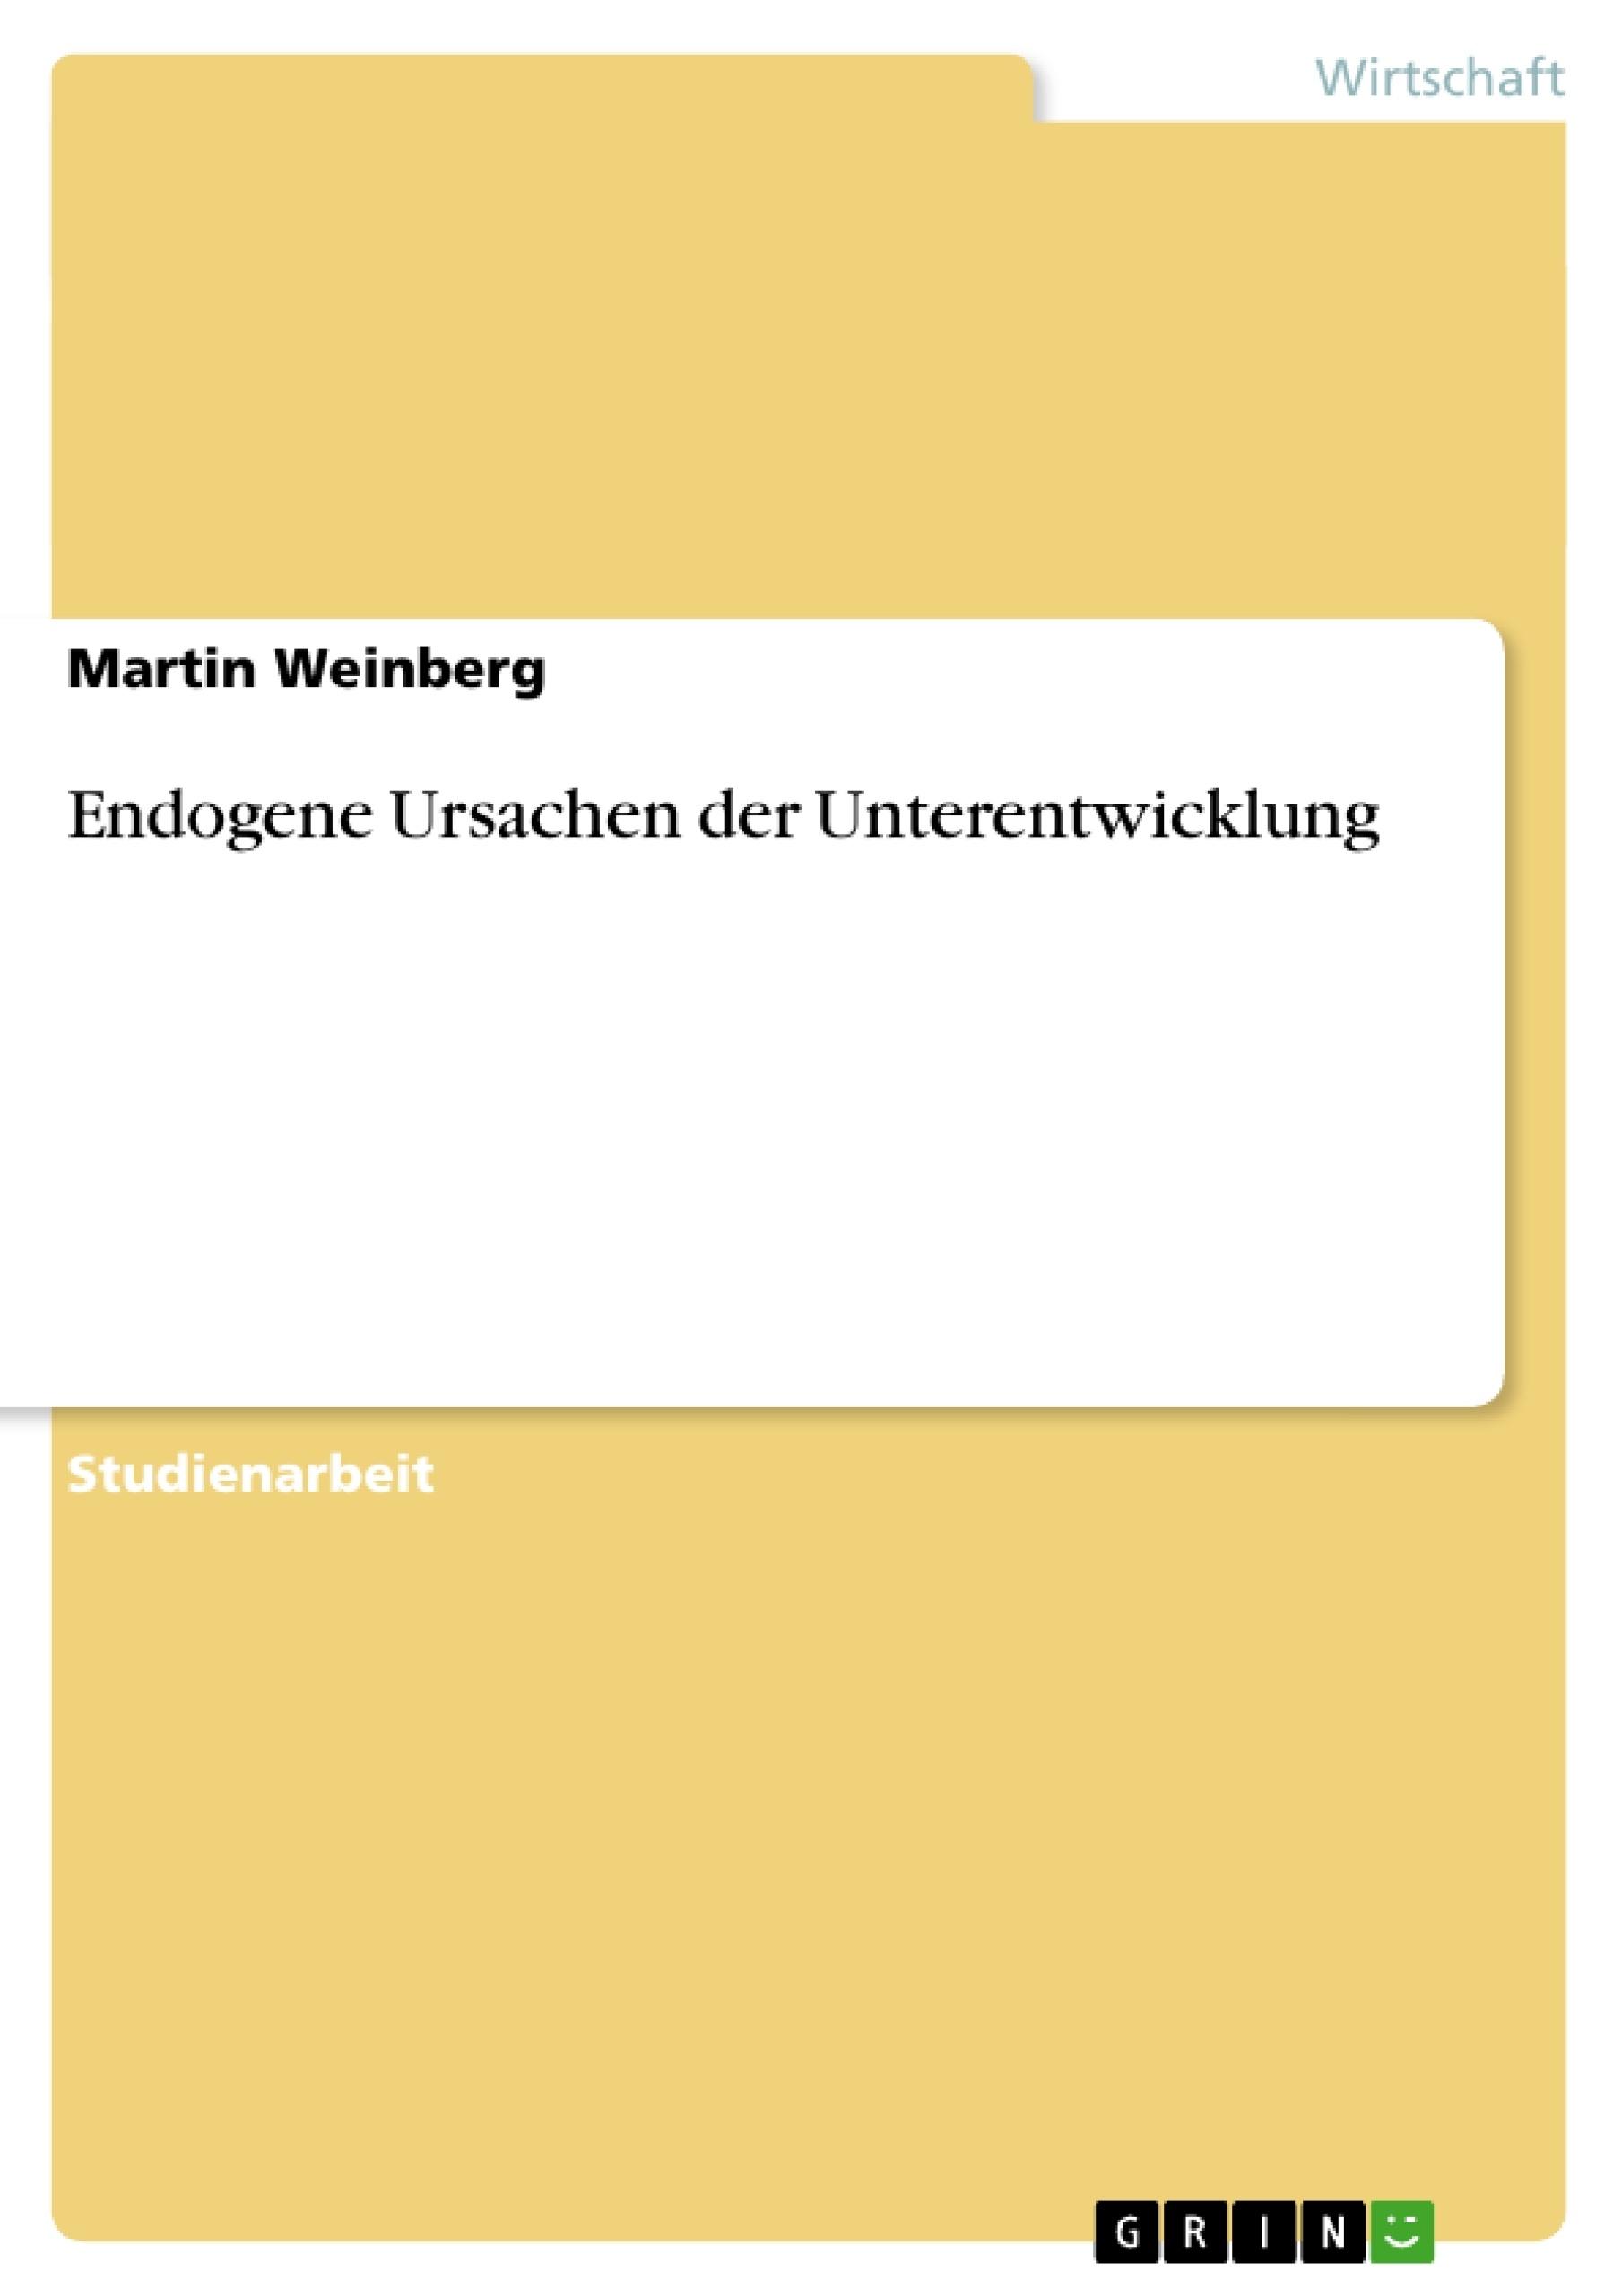 Titel: Endogene Ursachen der Unterentwicklung